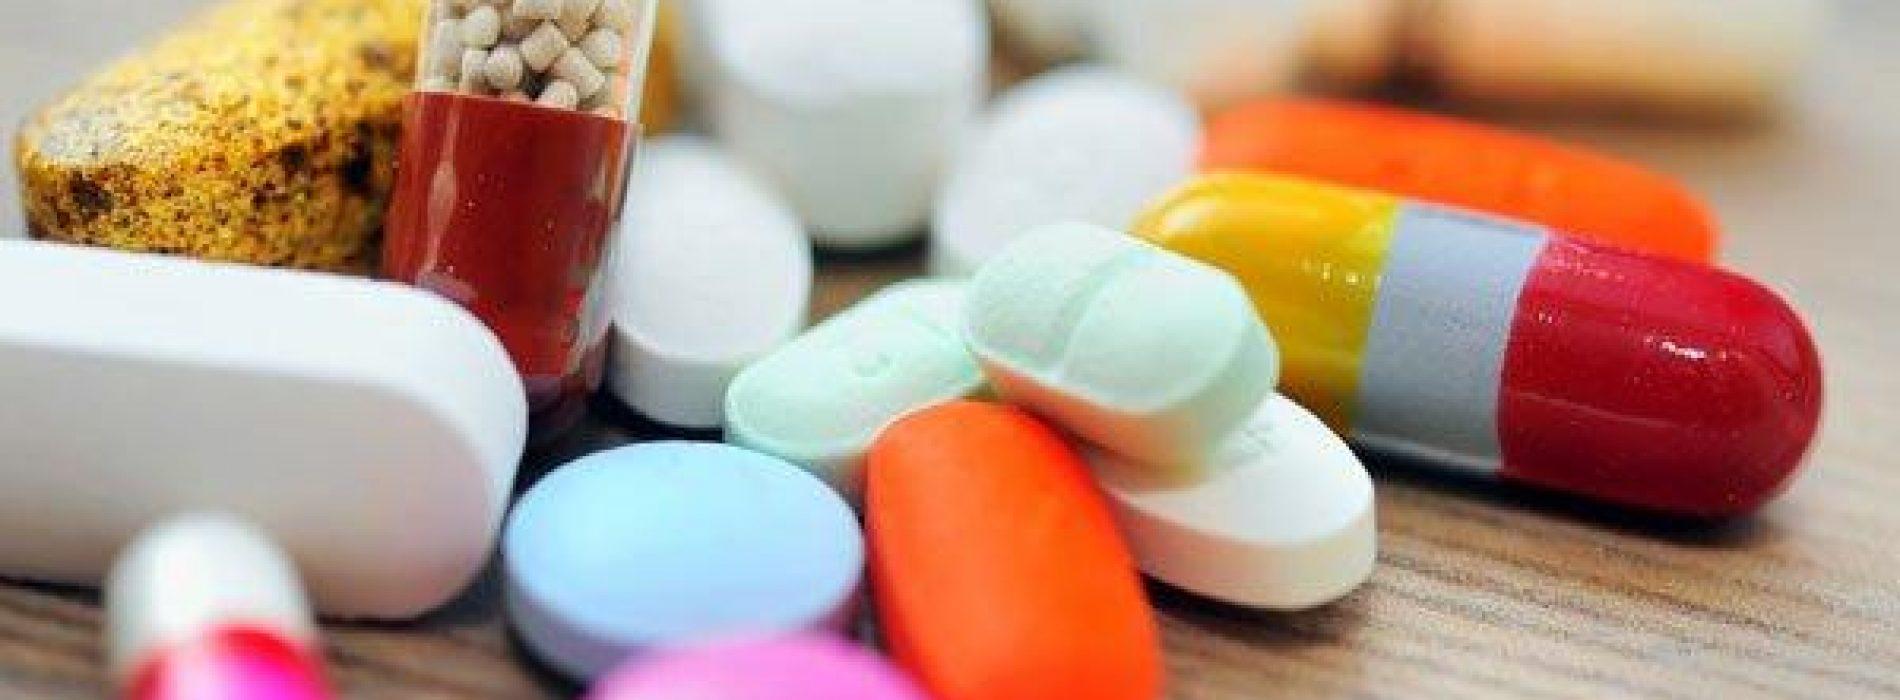 Hier is een alarmerend feit: meer dan 90% van de medicijnen kan allergische reacties veroorzaken